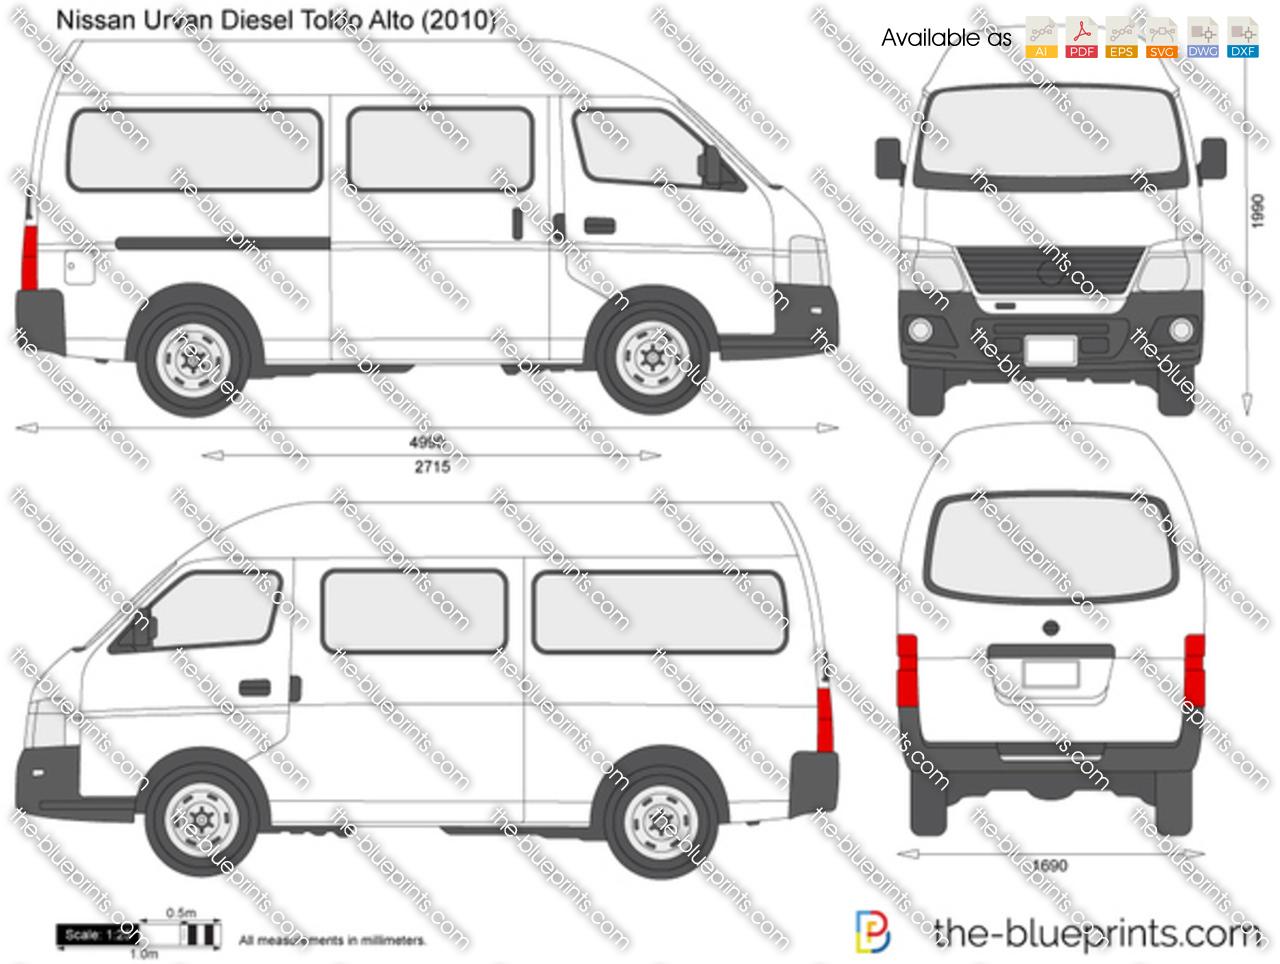 Nissan Urvan Diesel Toldo Alto 2016